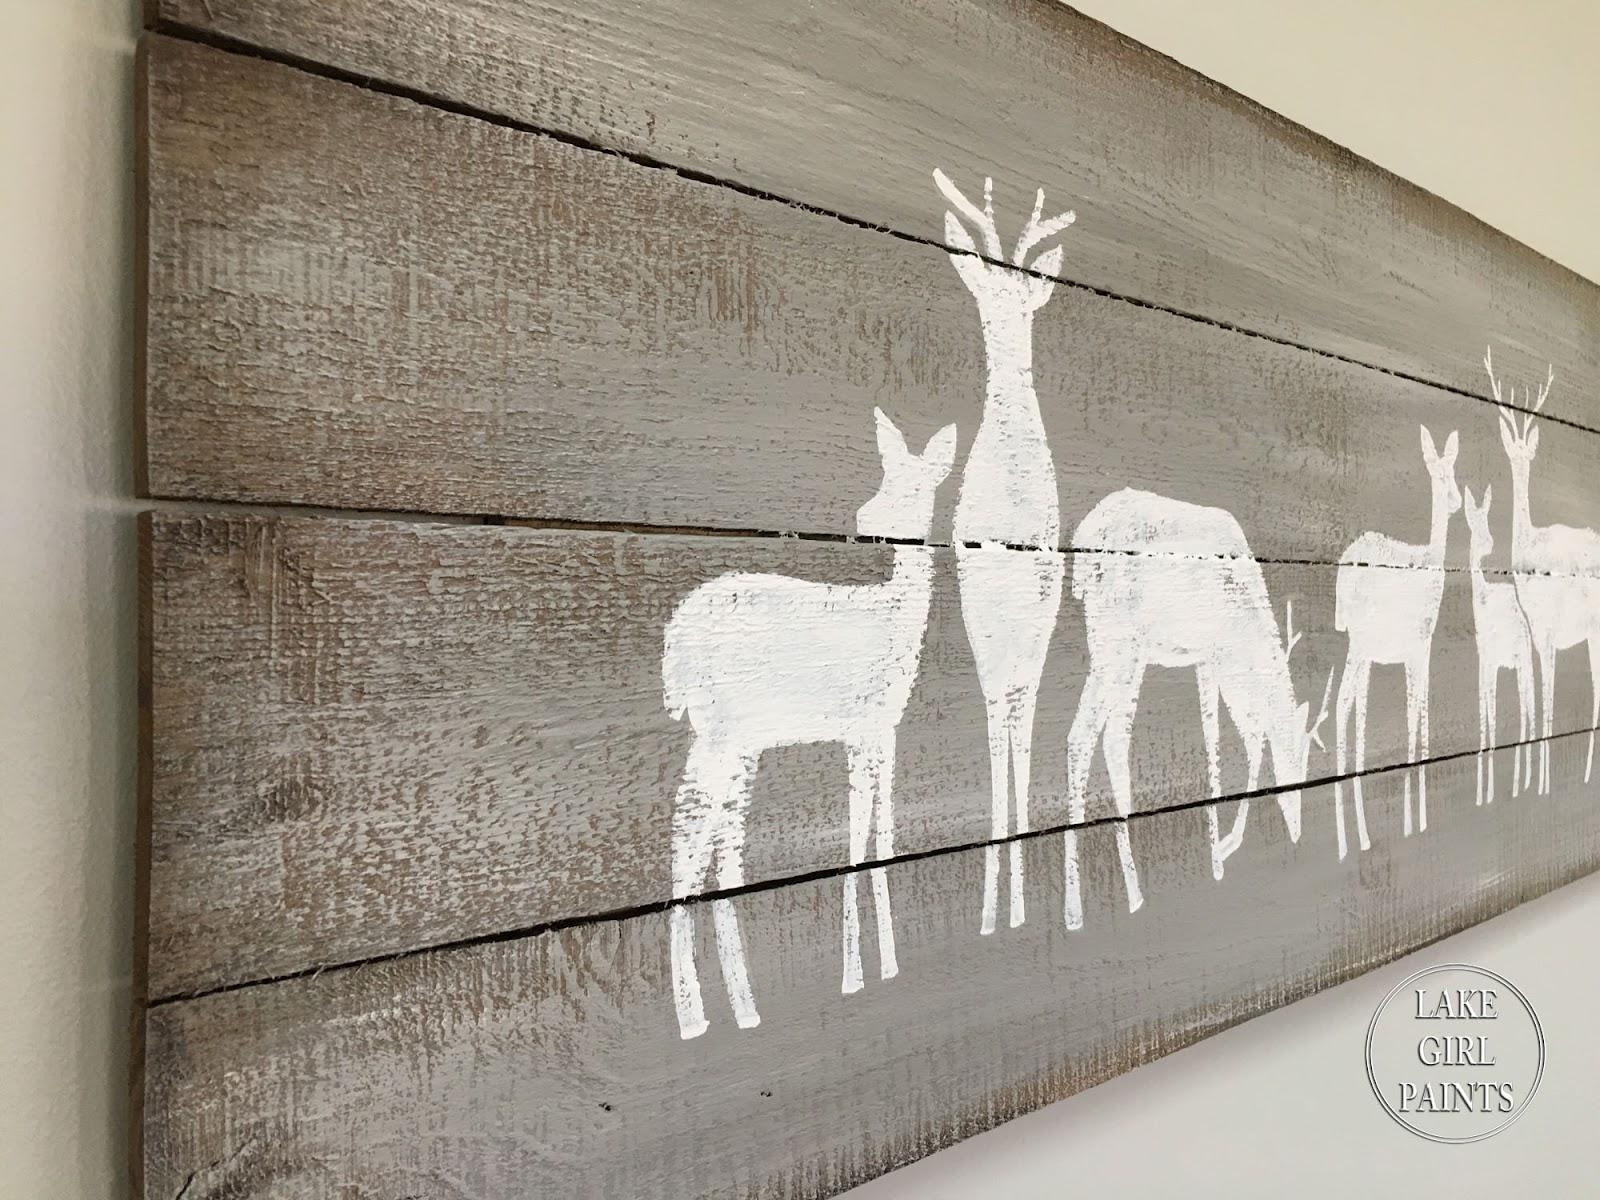 Lake Girl Paints Planked Wood Art Reindeer Row